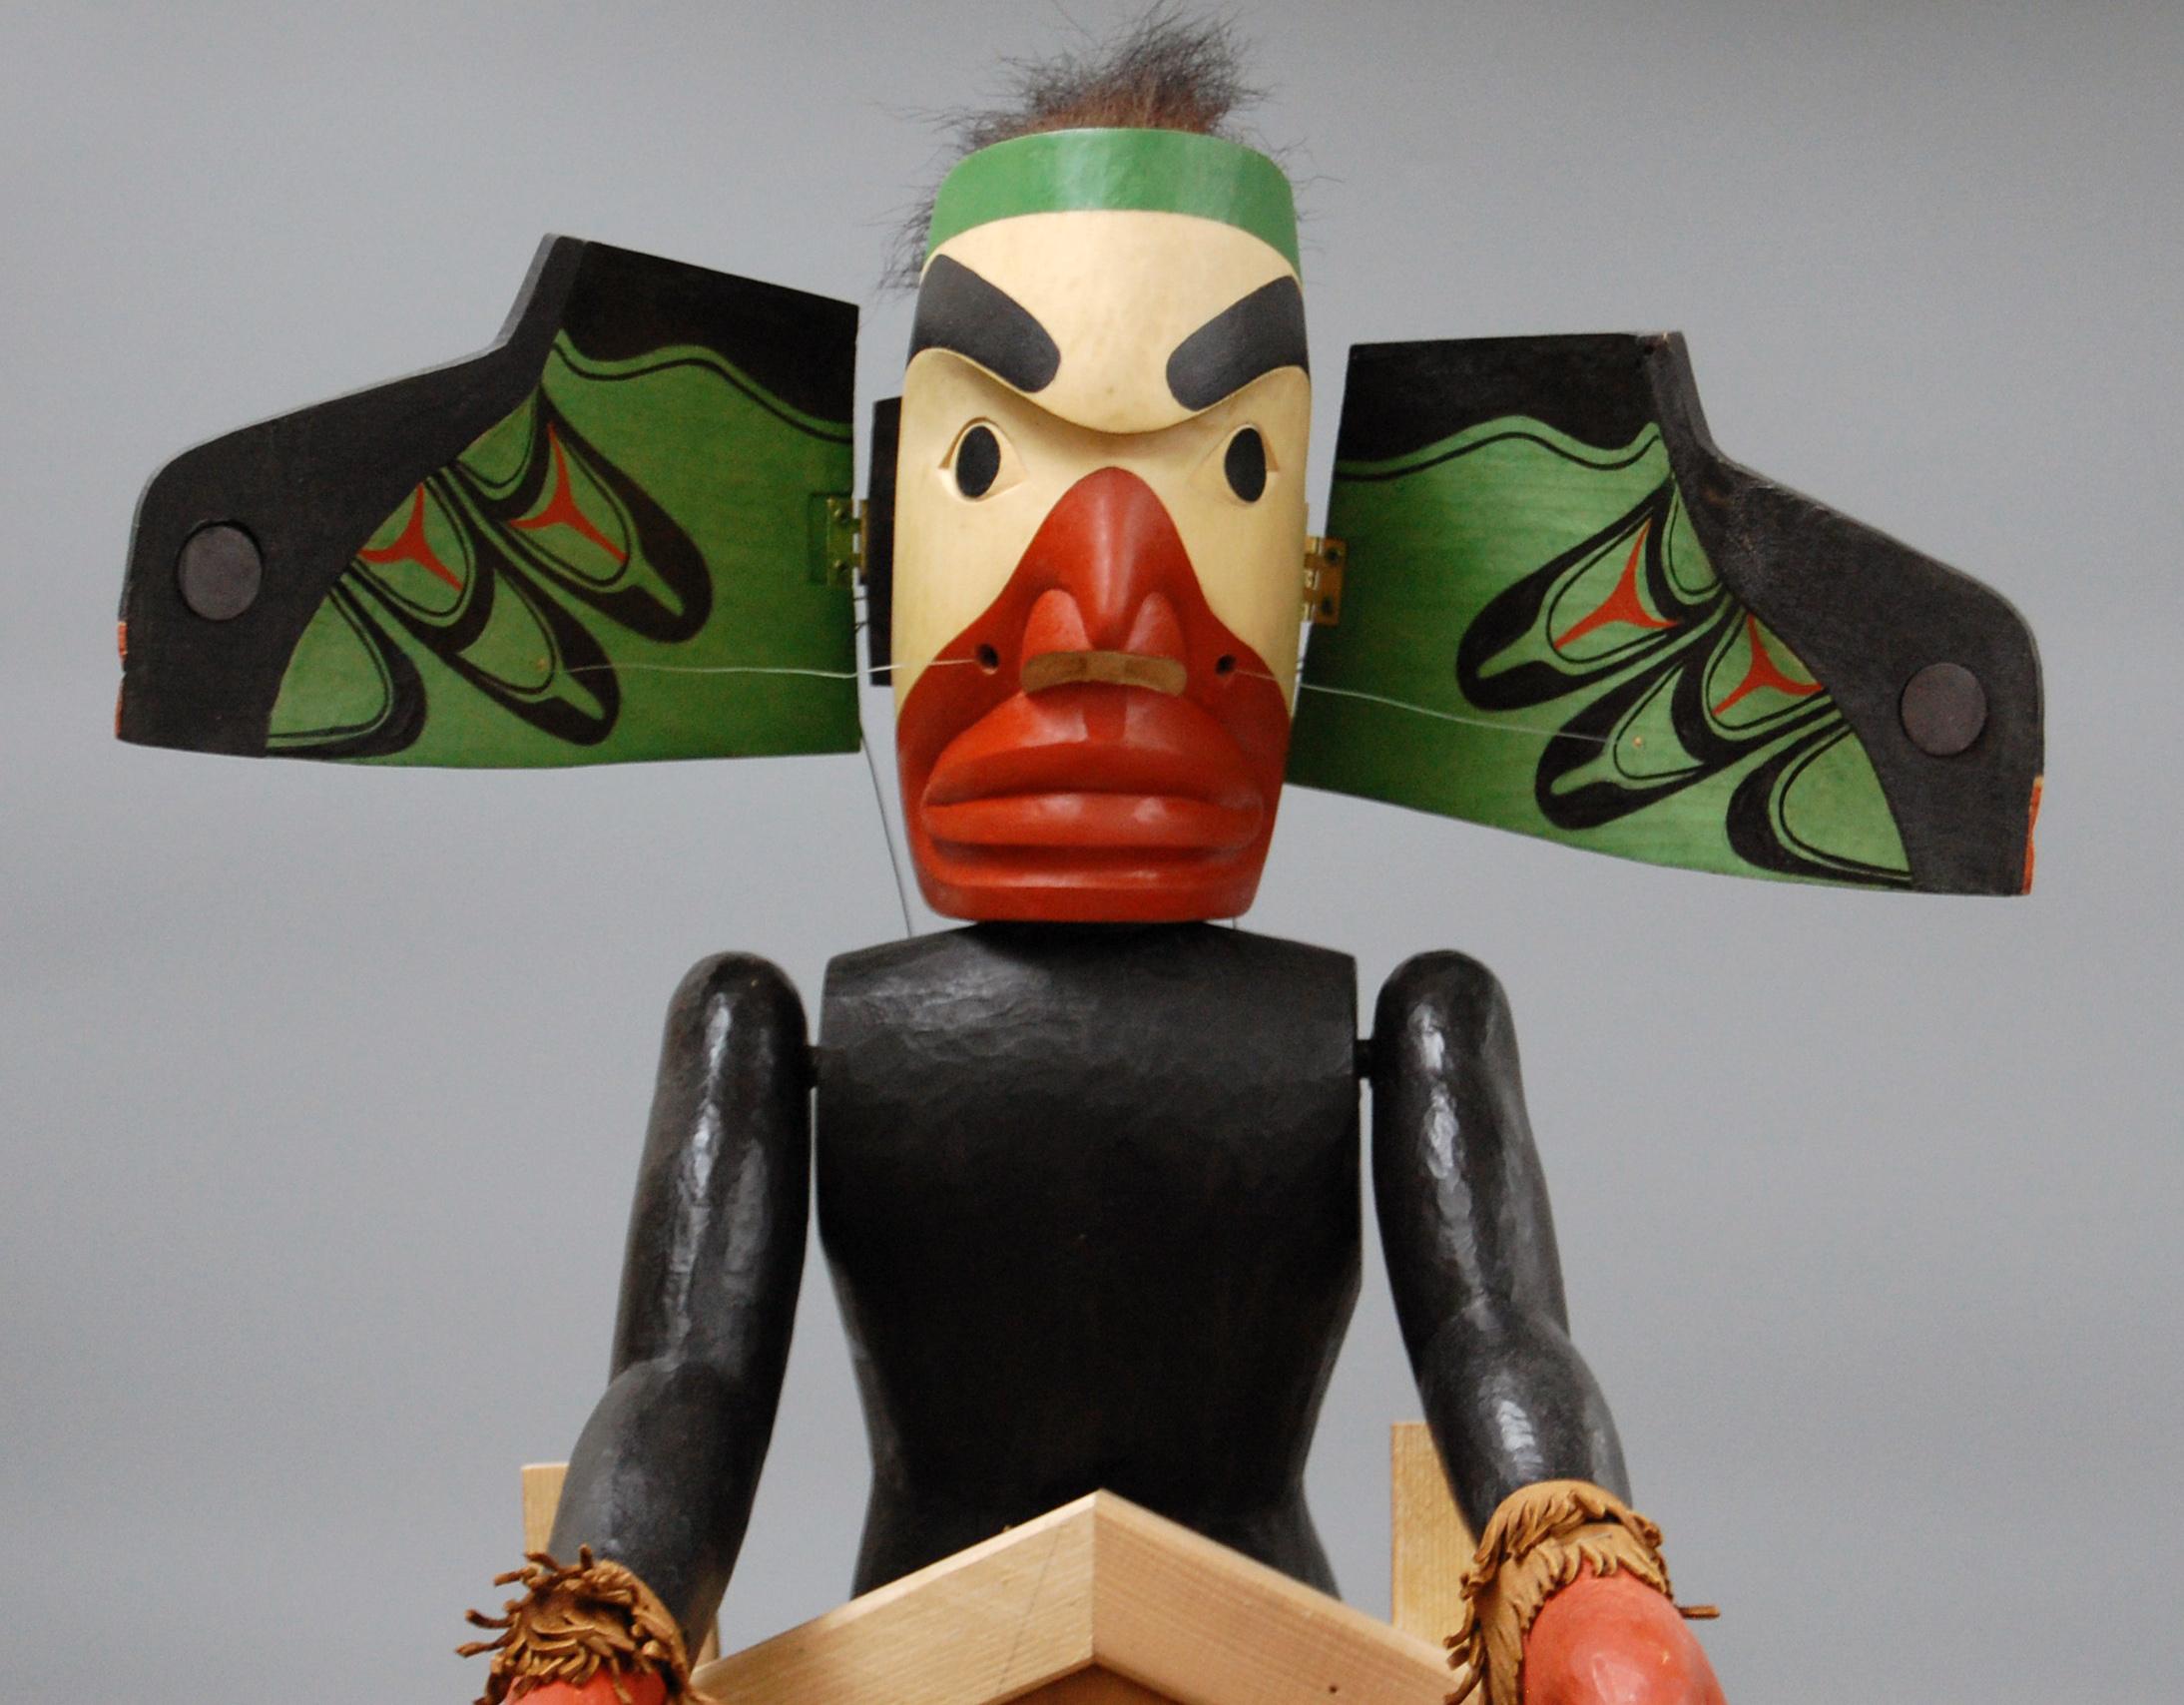 Marionnette à tiges de métamorphose d'un corbeau par George David, un membre des Nuu-chah-nulth / Nuučaan̓uł (Côte Nord-Ouest du Pacifique au Canada). La tête s'ouvre pour révéler les ailes du corbeau